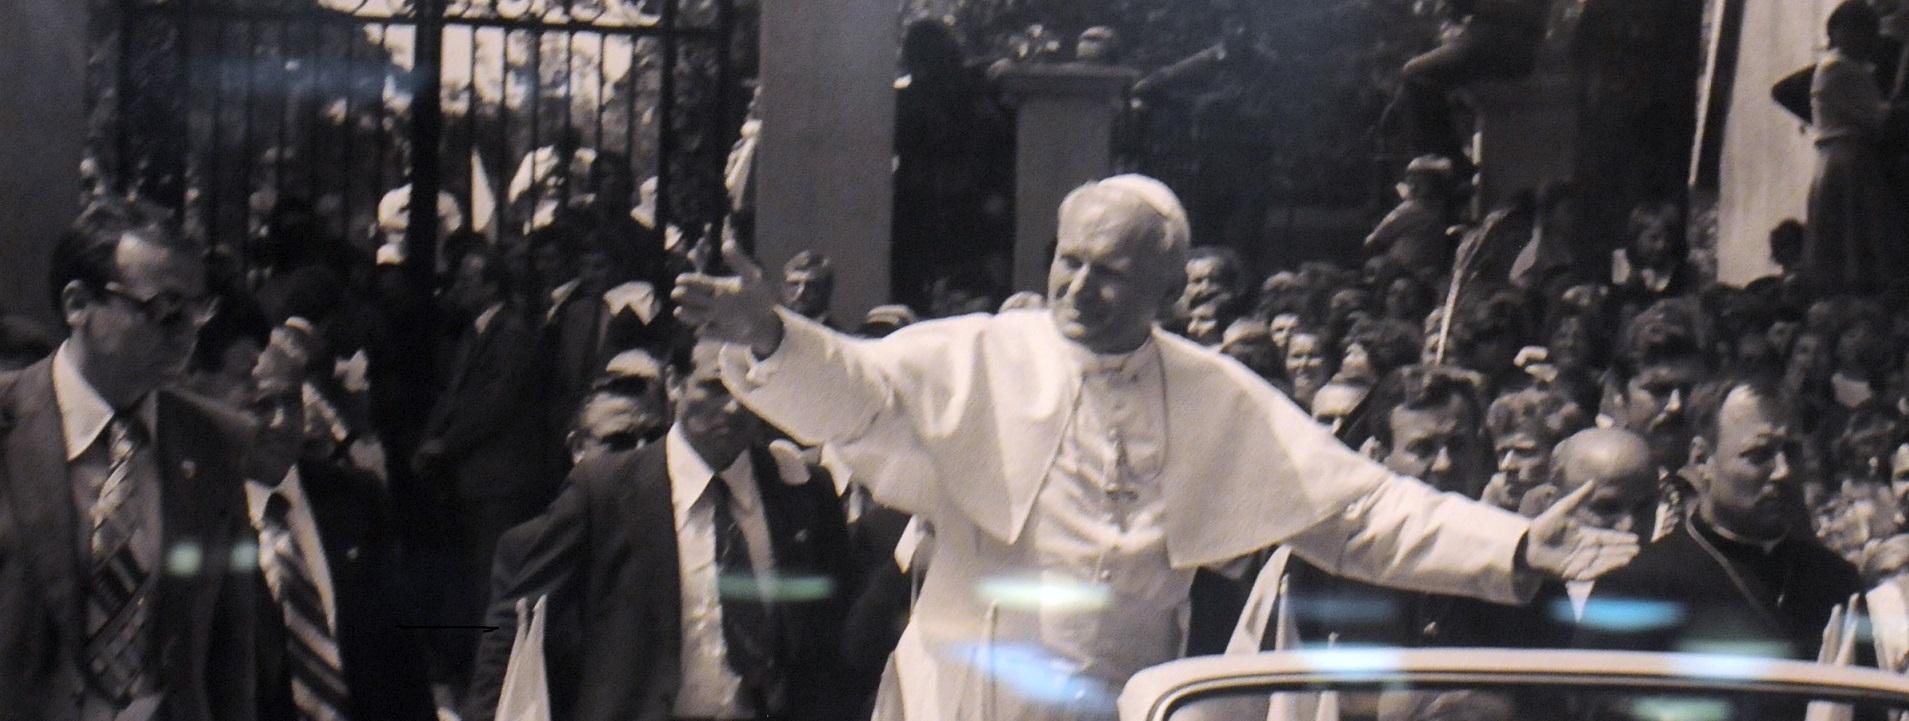 Włochy: Ukradziono relikwie Jana Pawła II oraz Jerzego Popiełuszki